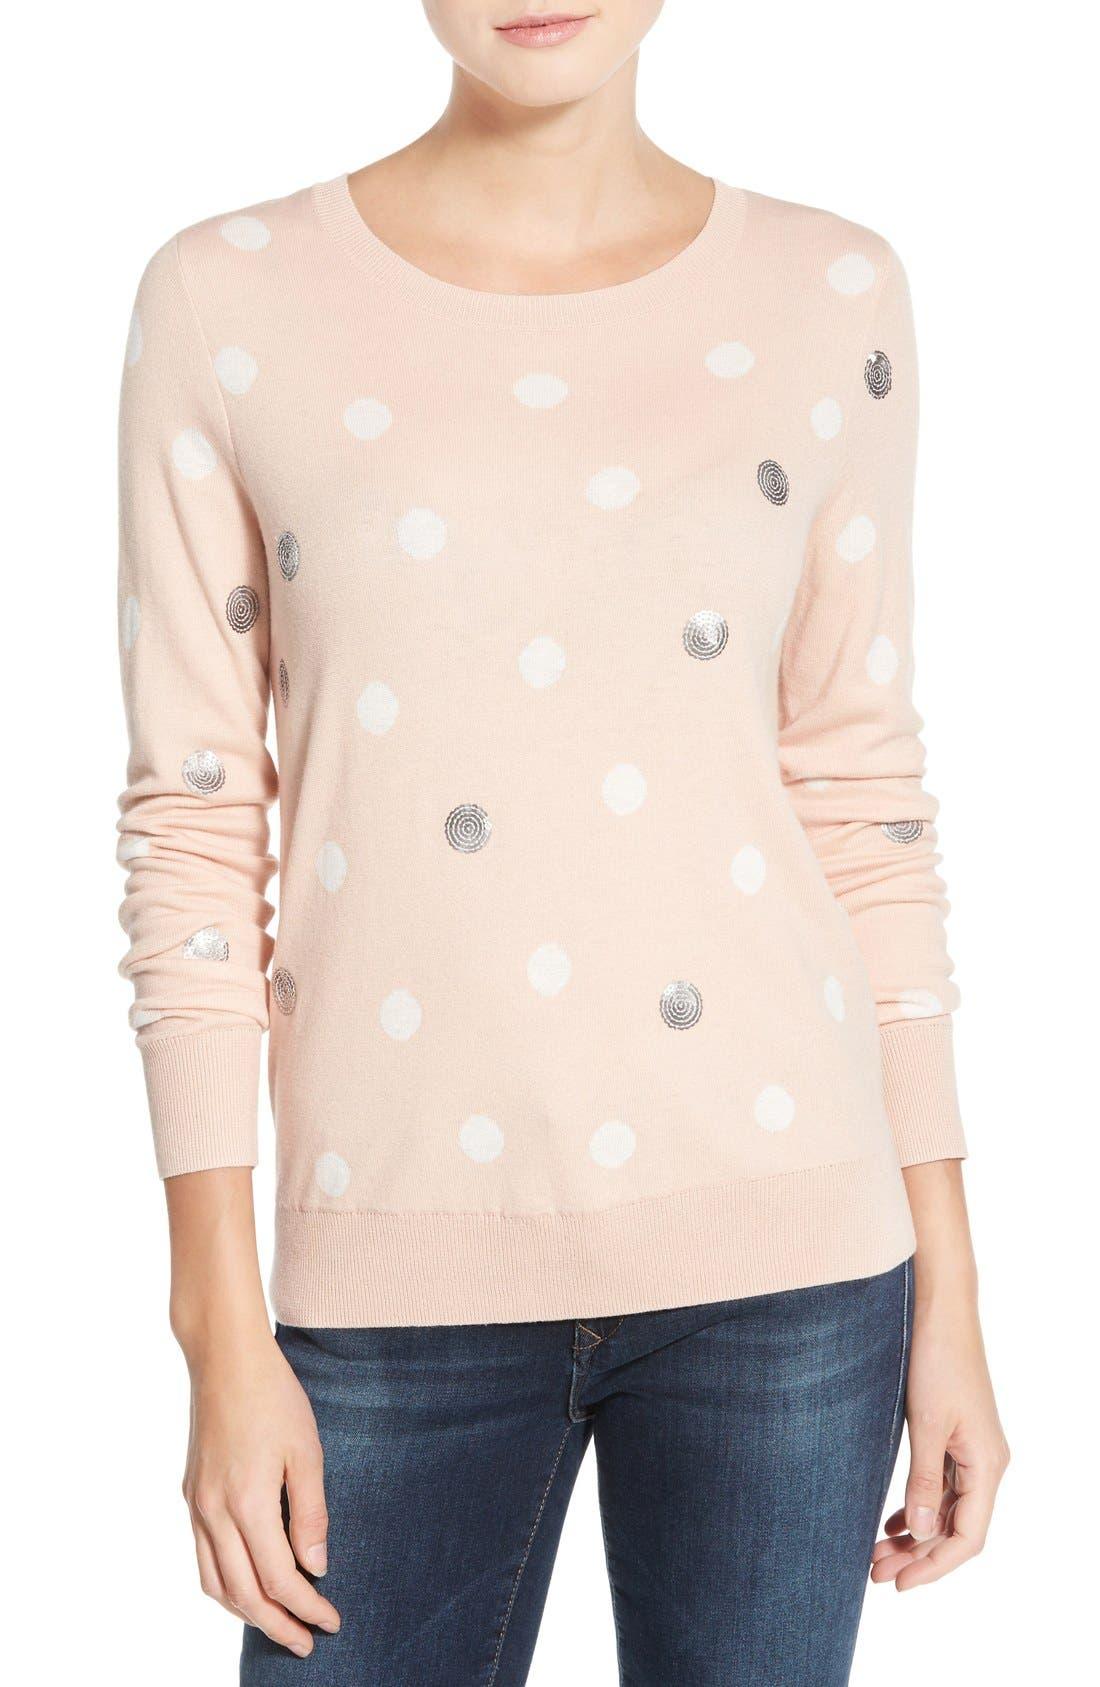 Alternate Image 1 Selected - Halogen® Lace Appliqué Crewneck Sweater (Regular & Petite)